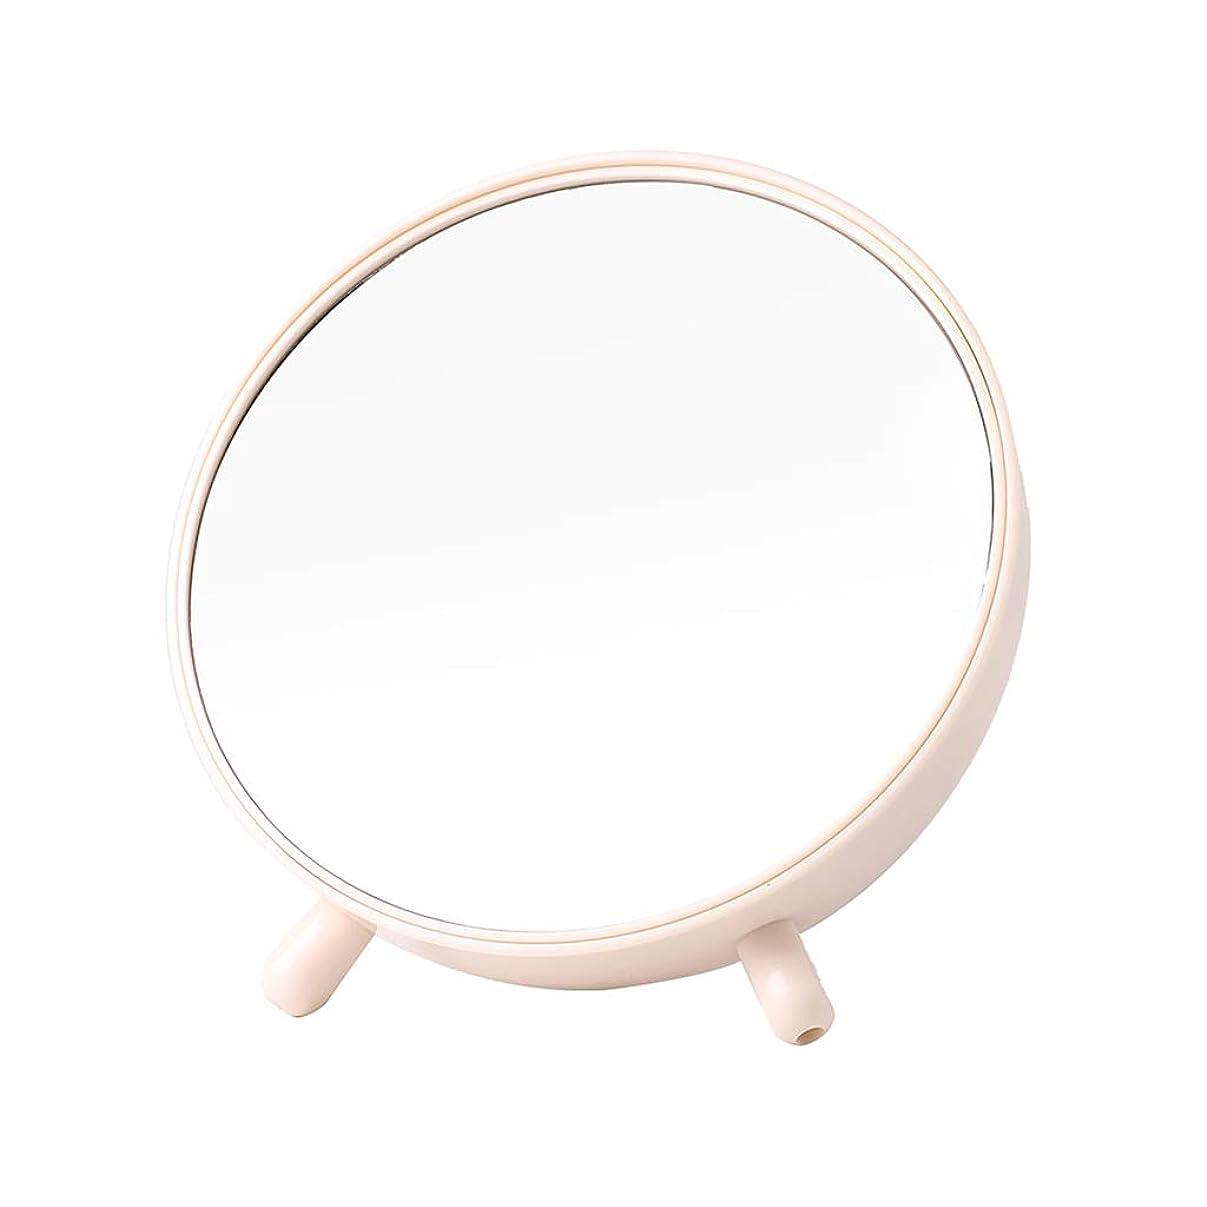 不適アジア強化明るい鏡 ストレージドレッシングミラー、ラウンドクリエイティブ家庭用デスクトップ学生ドミトリールーム多機能ポータブルメイクミラー メイクアップとミラー (Color : White)